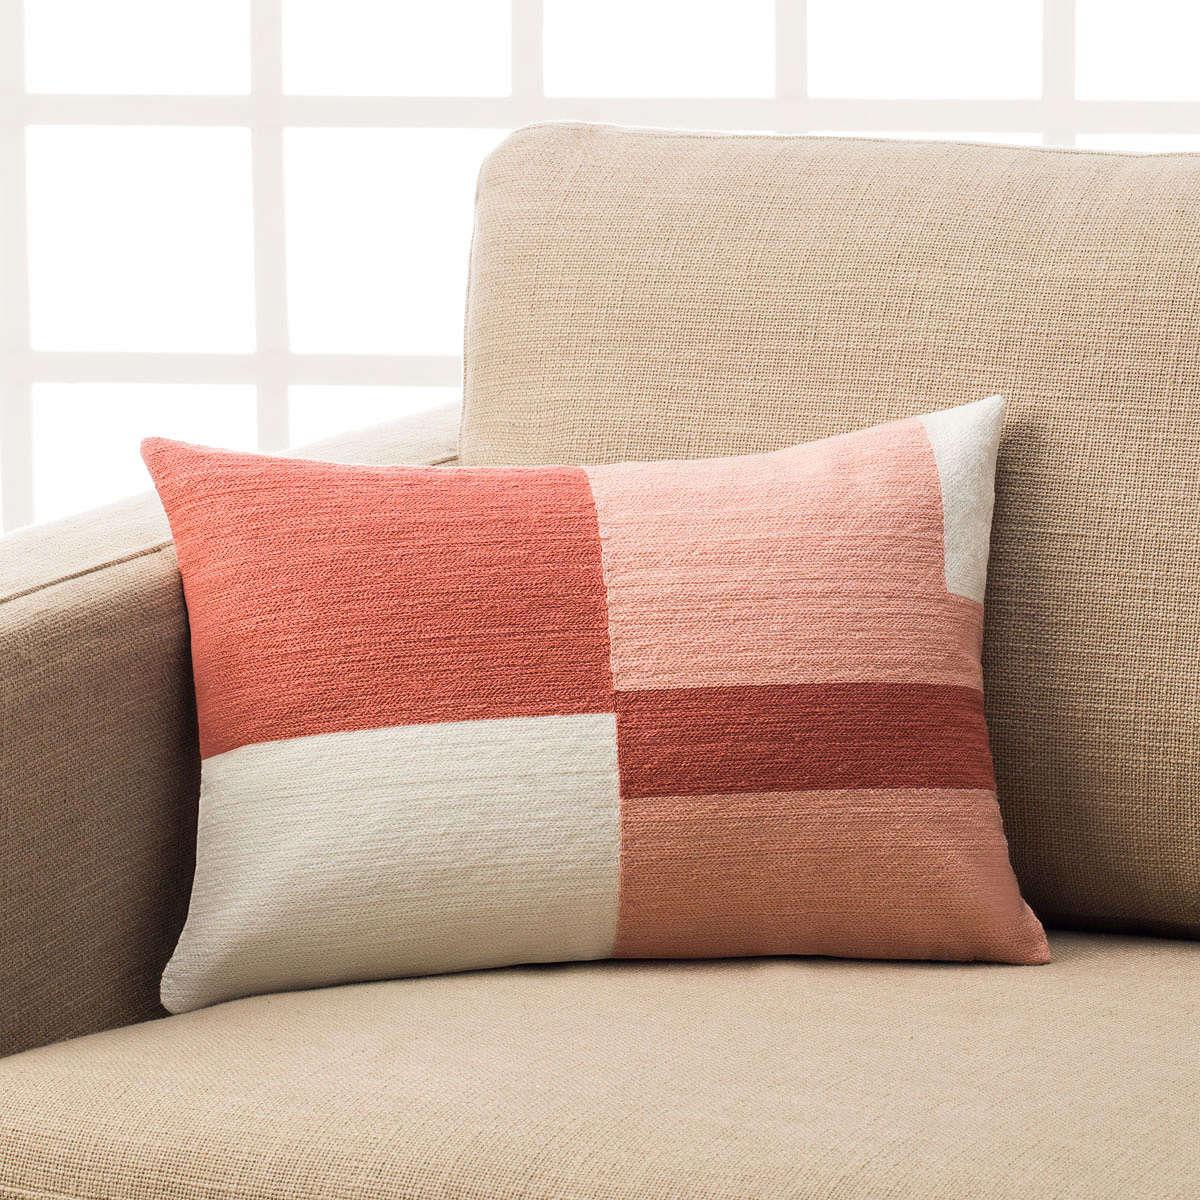 Μαξιλαροθήκη Διακοσμητική Eden Pink 808/17 Gofis Home 30Χ50 100% Polyester